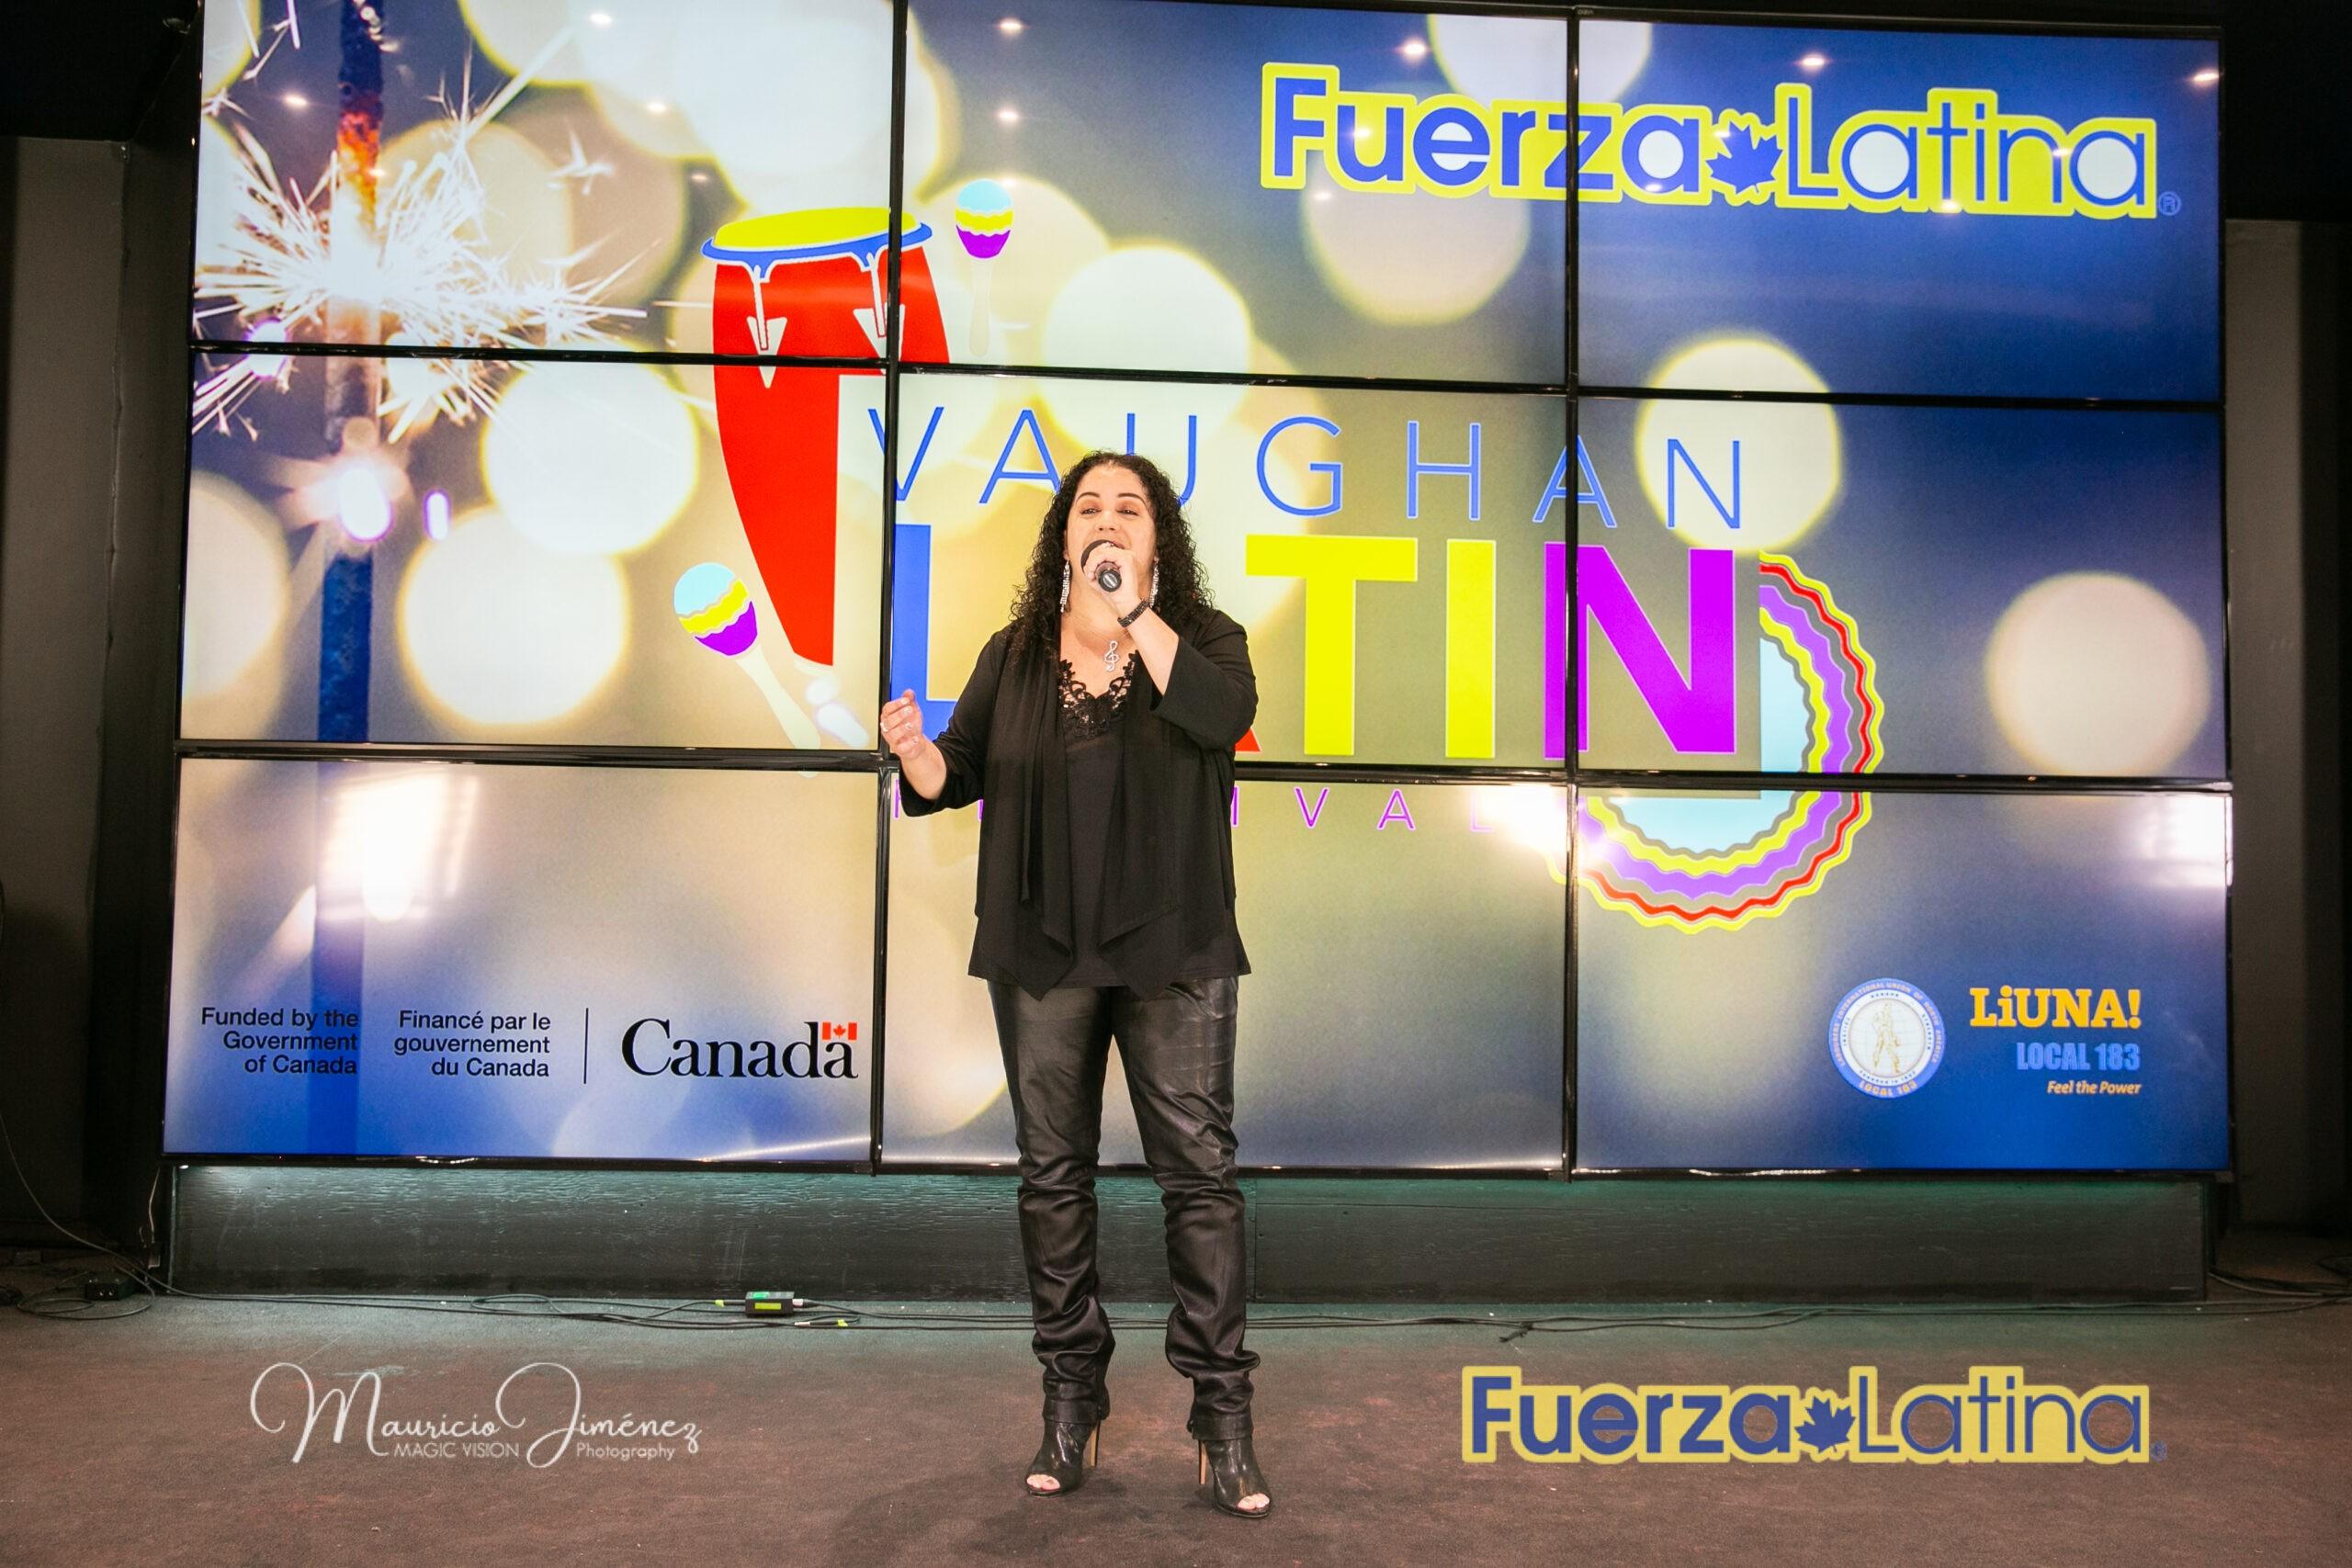 Magic_Vision-Fuerza_Latina-2020-09-20_366